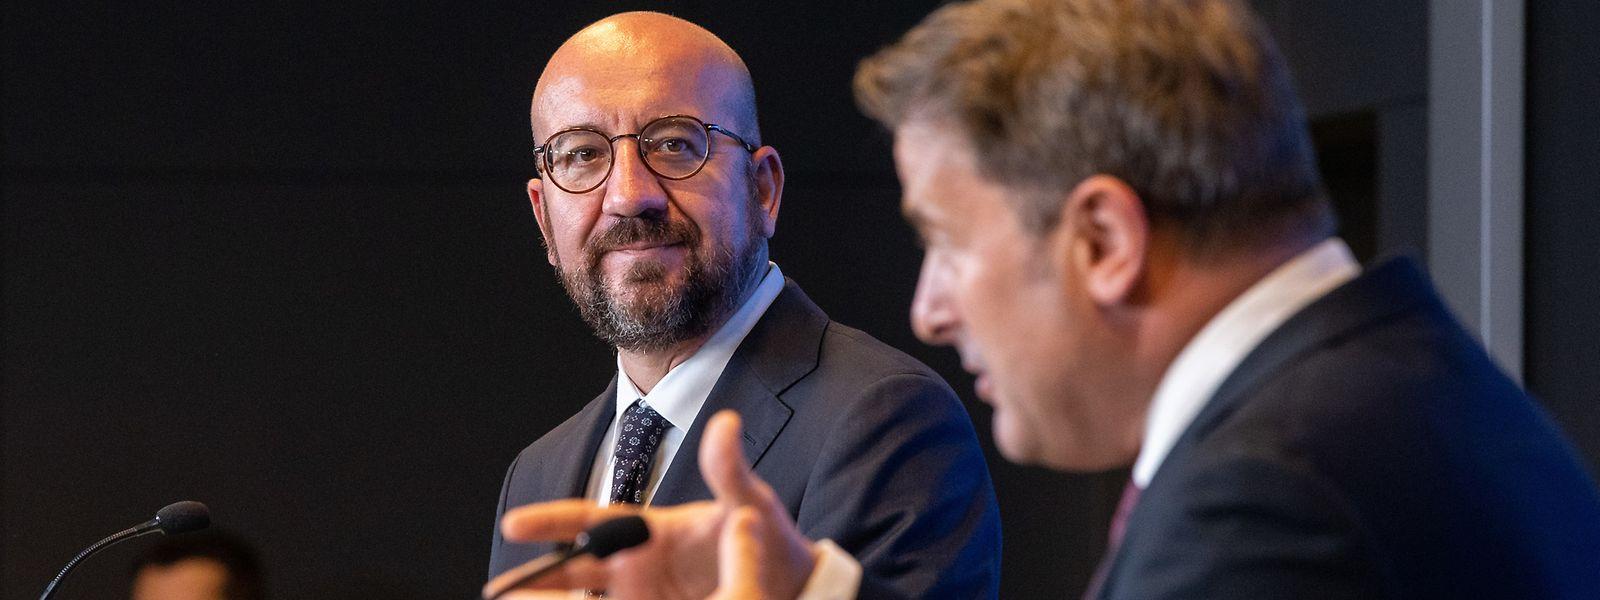 Premier Xavier Bettel (r.) forderte Michel auf, den Europäischen Rat weniger in Klimaangelegenheiten einzuschalten.